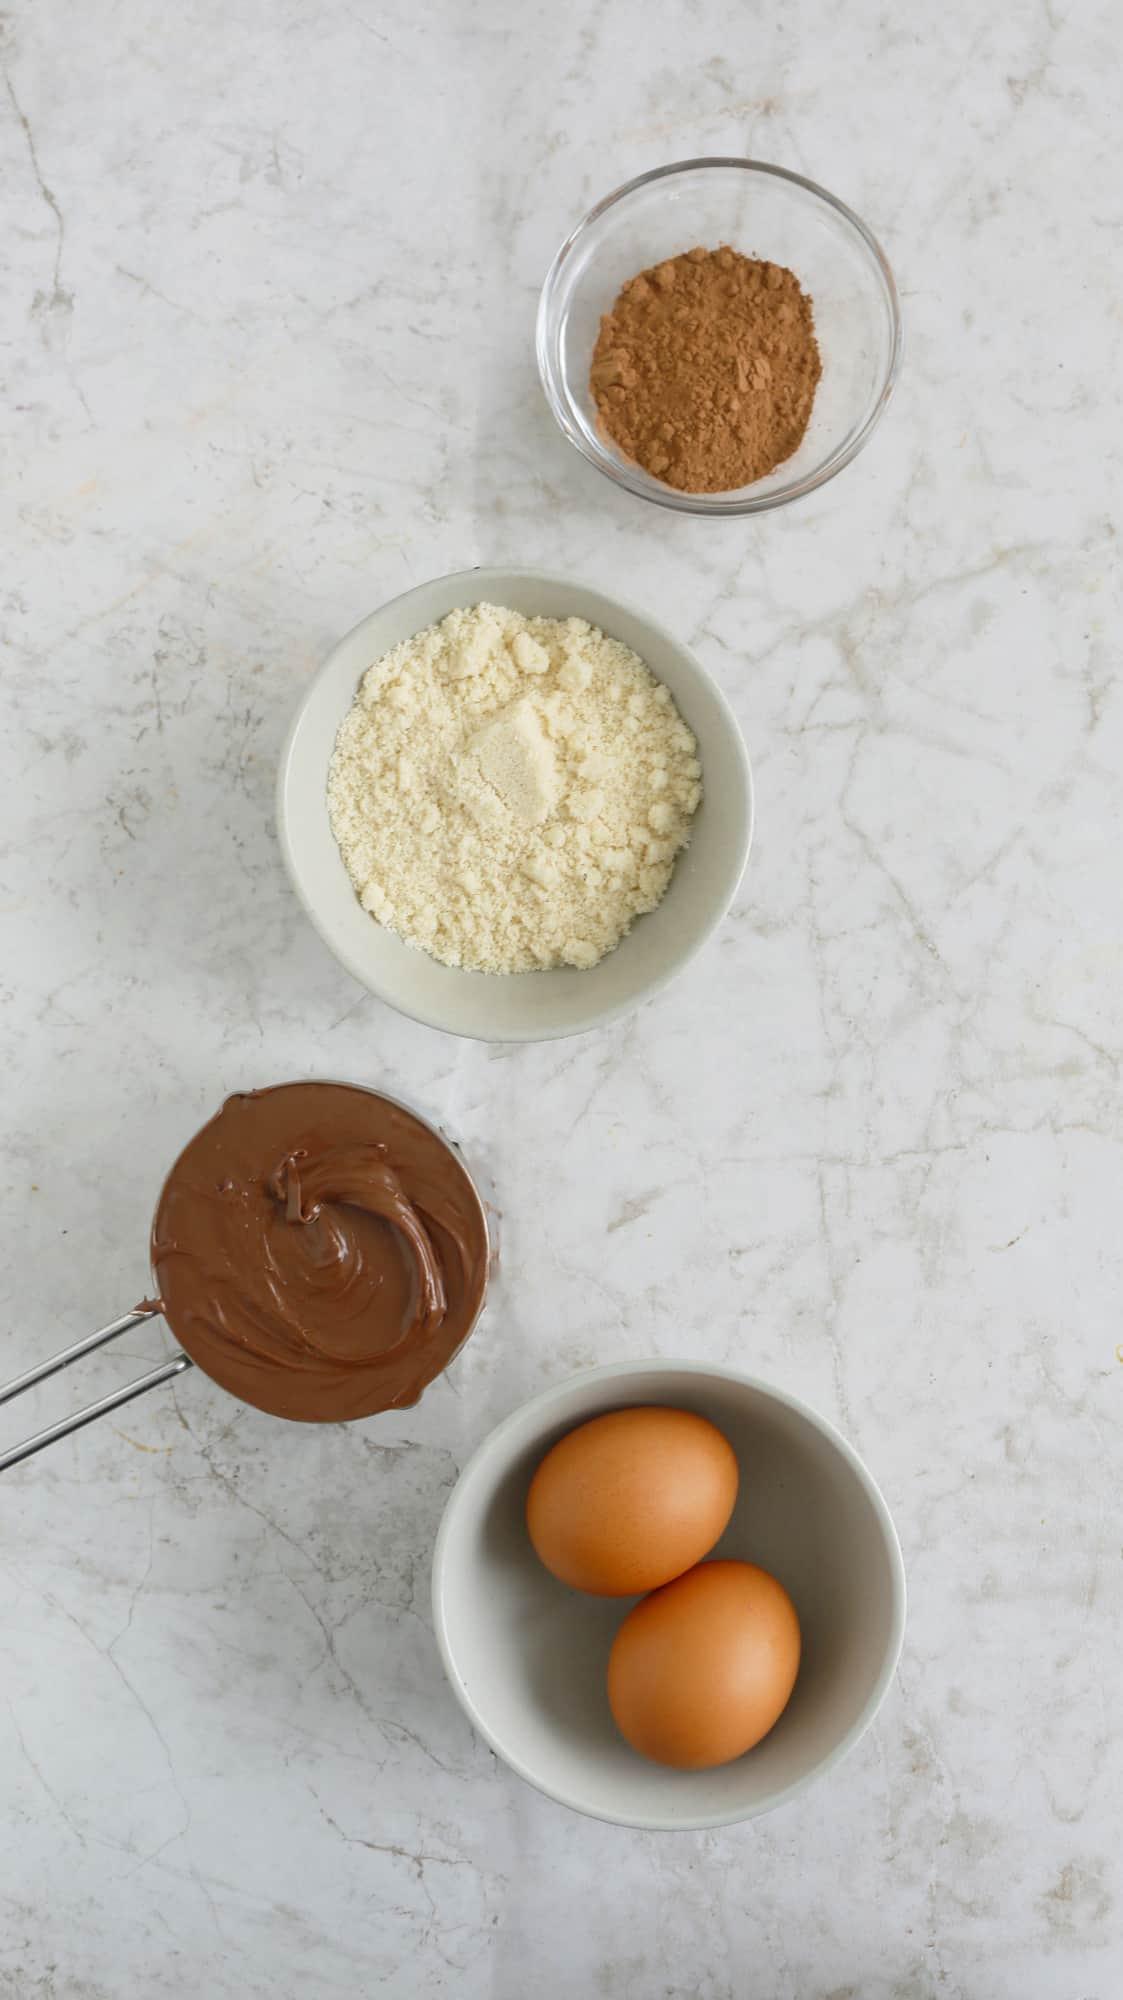 ingredients to make nutella brownies